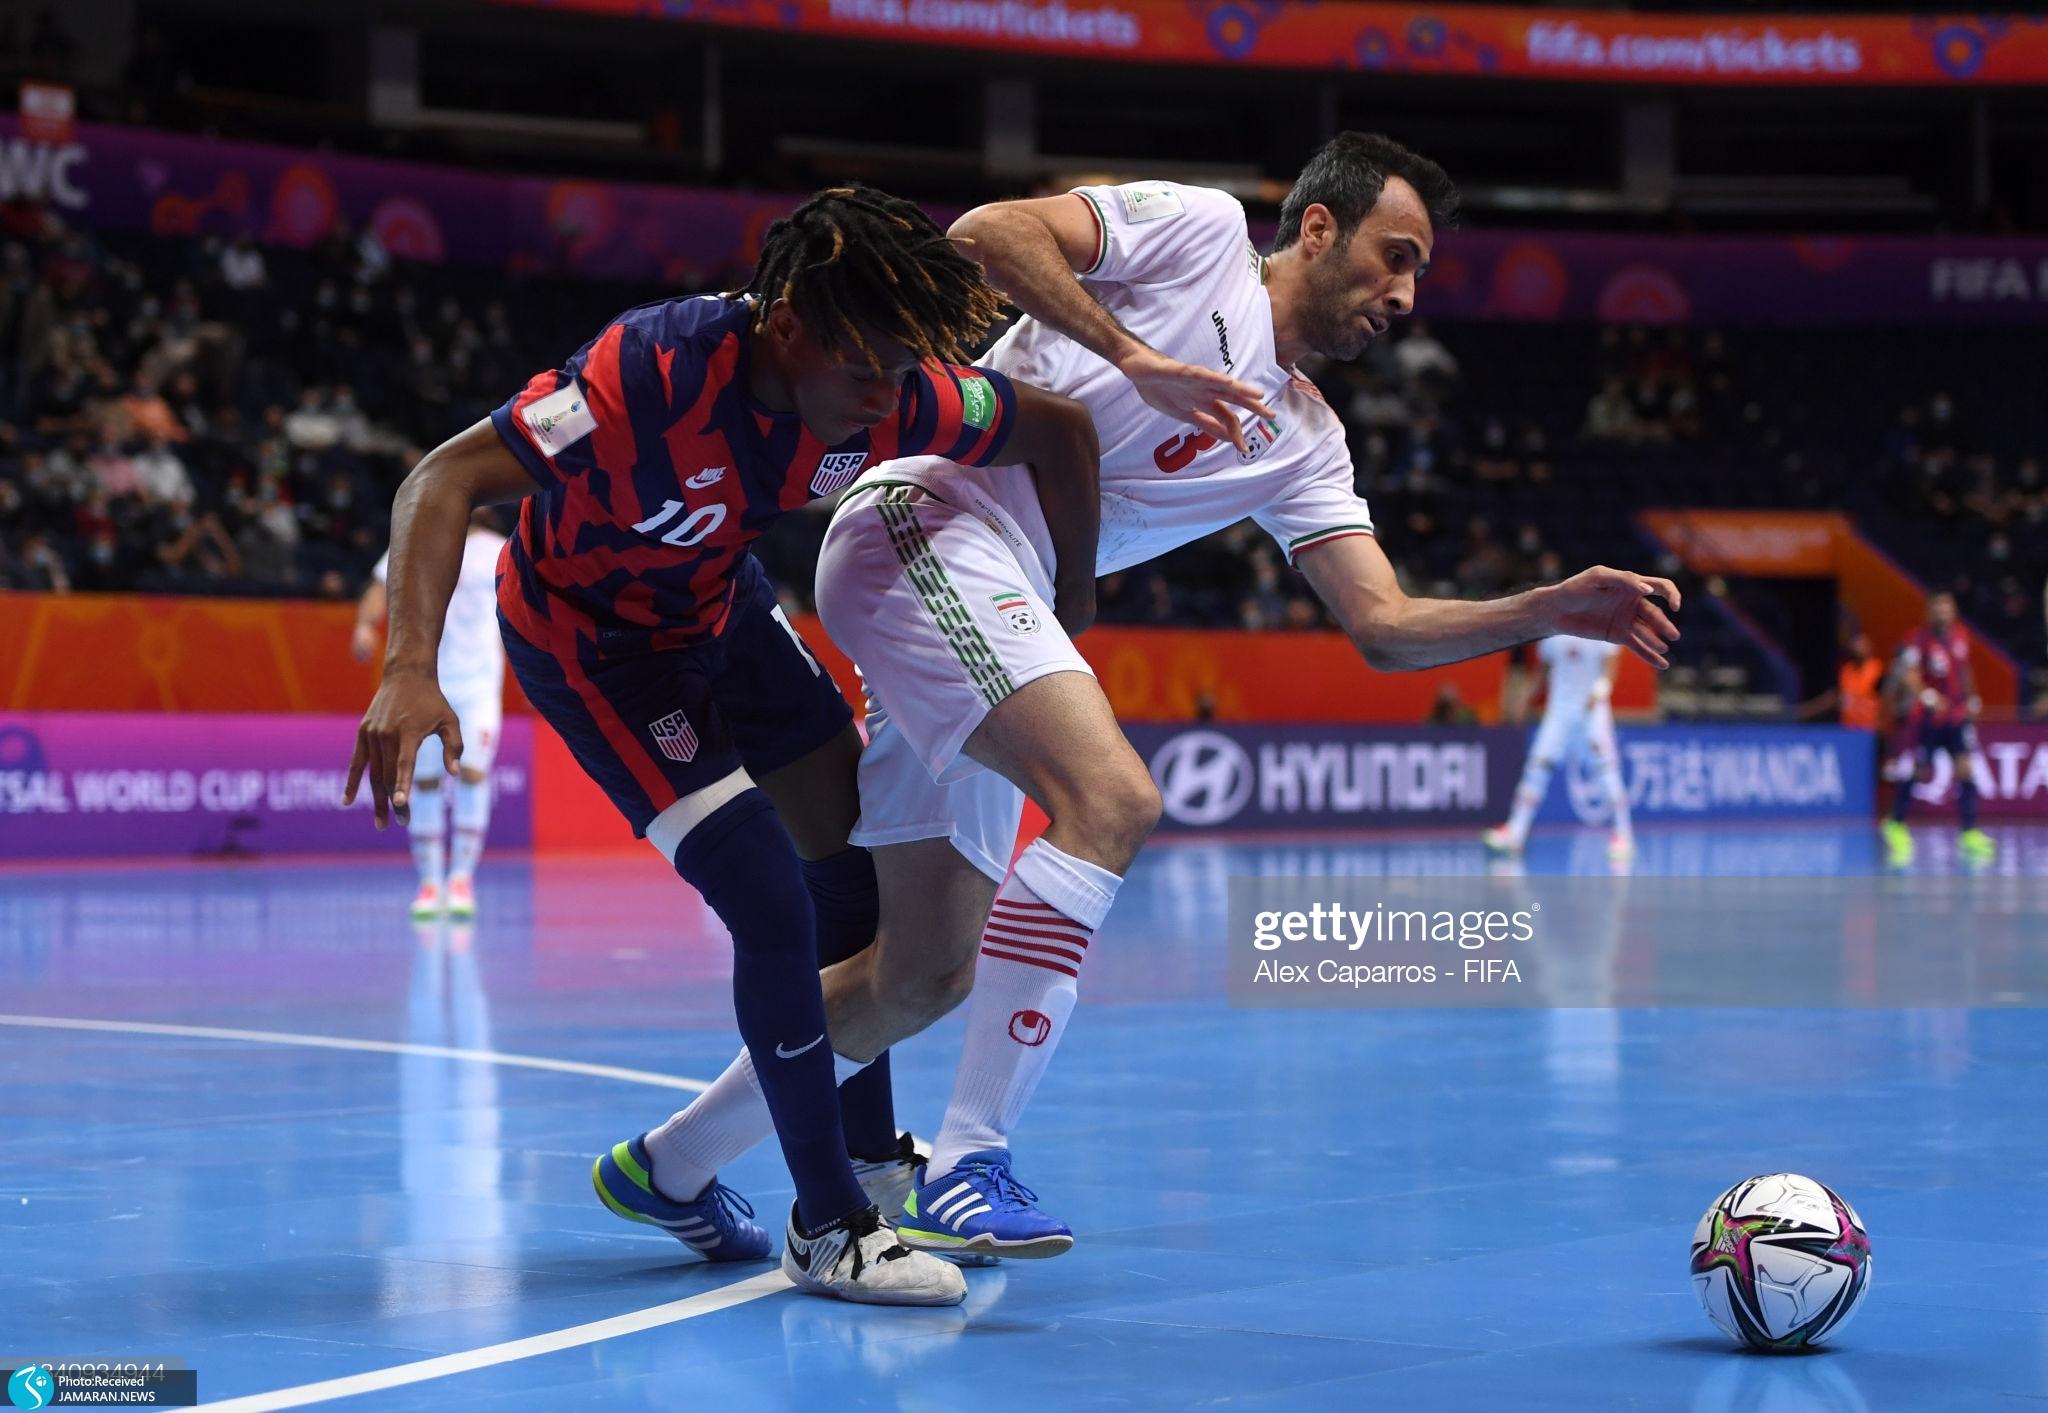 جام جهانی فوتسال 2021 - ایران - آمریکا